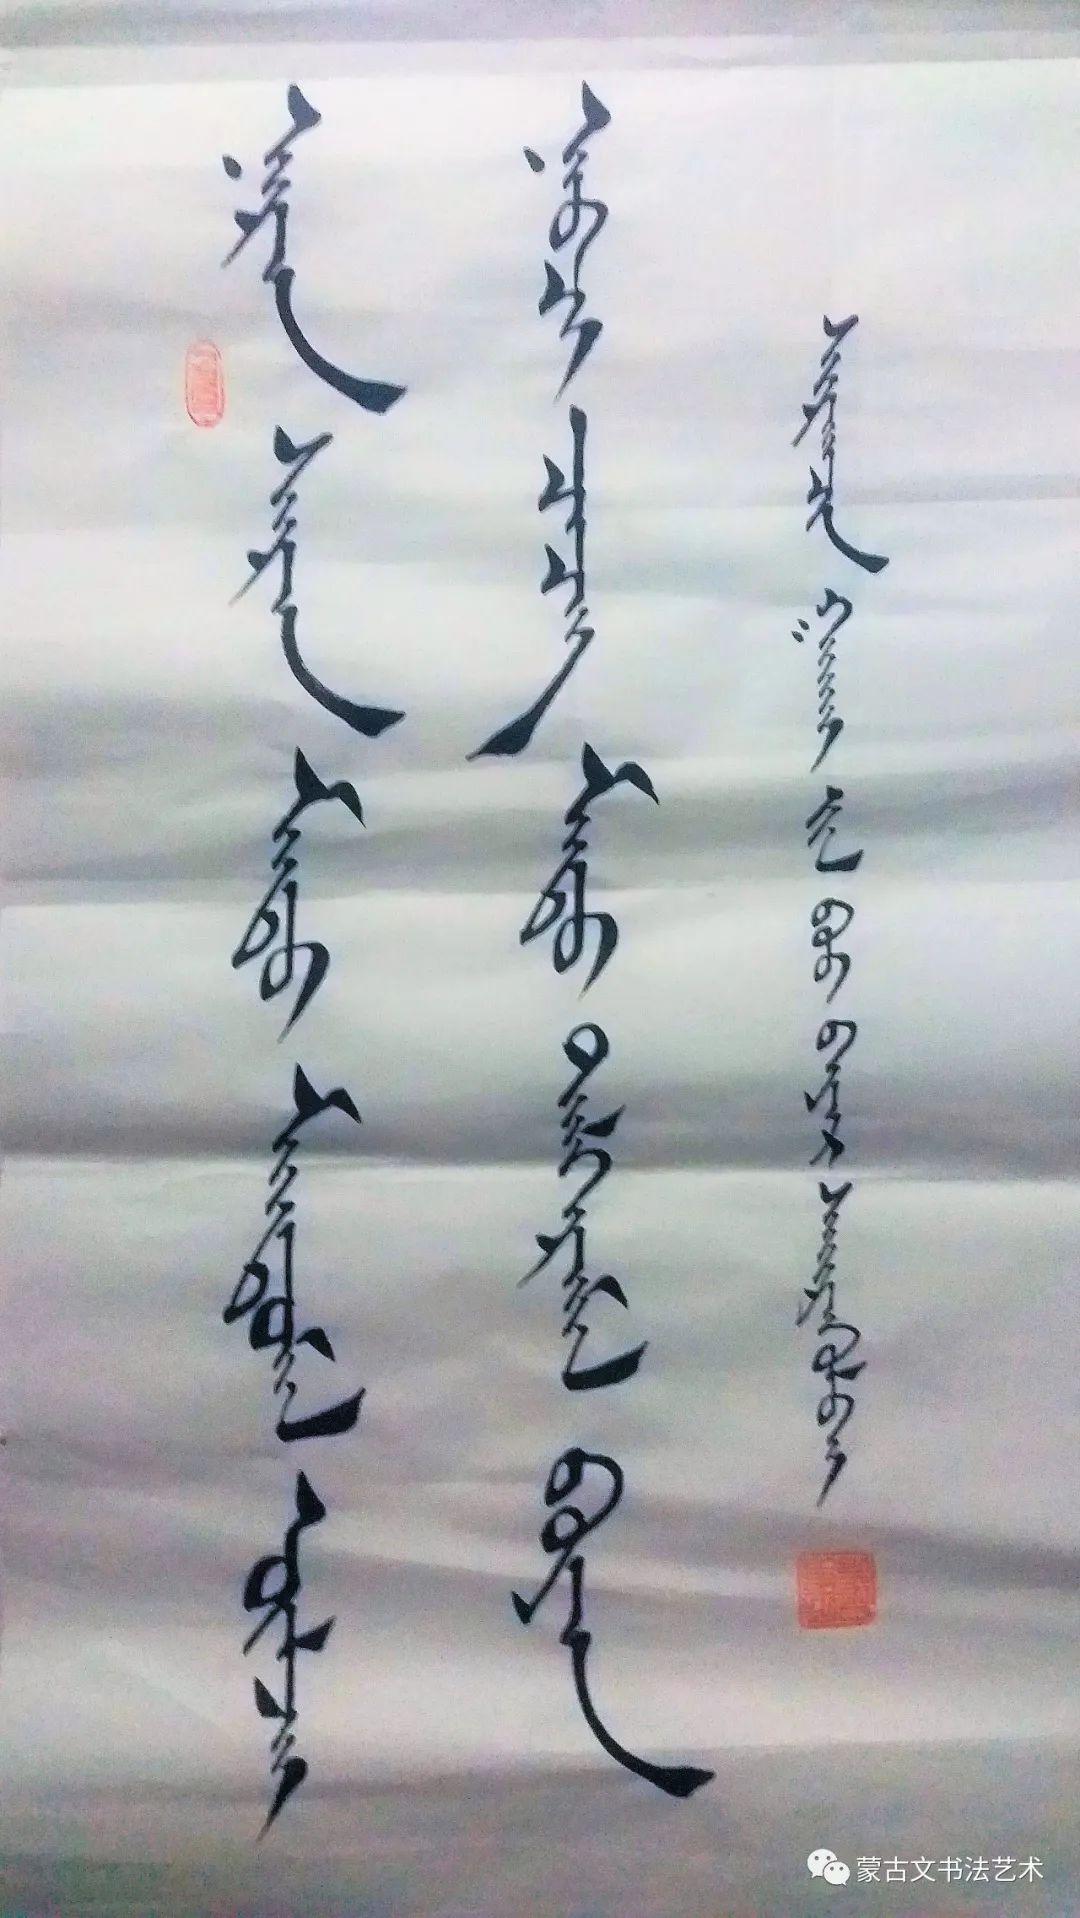 包巴雅尔蒙古文书法作品 第6张 包巴雅尔蒙古文书法作品 蒙古书法